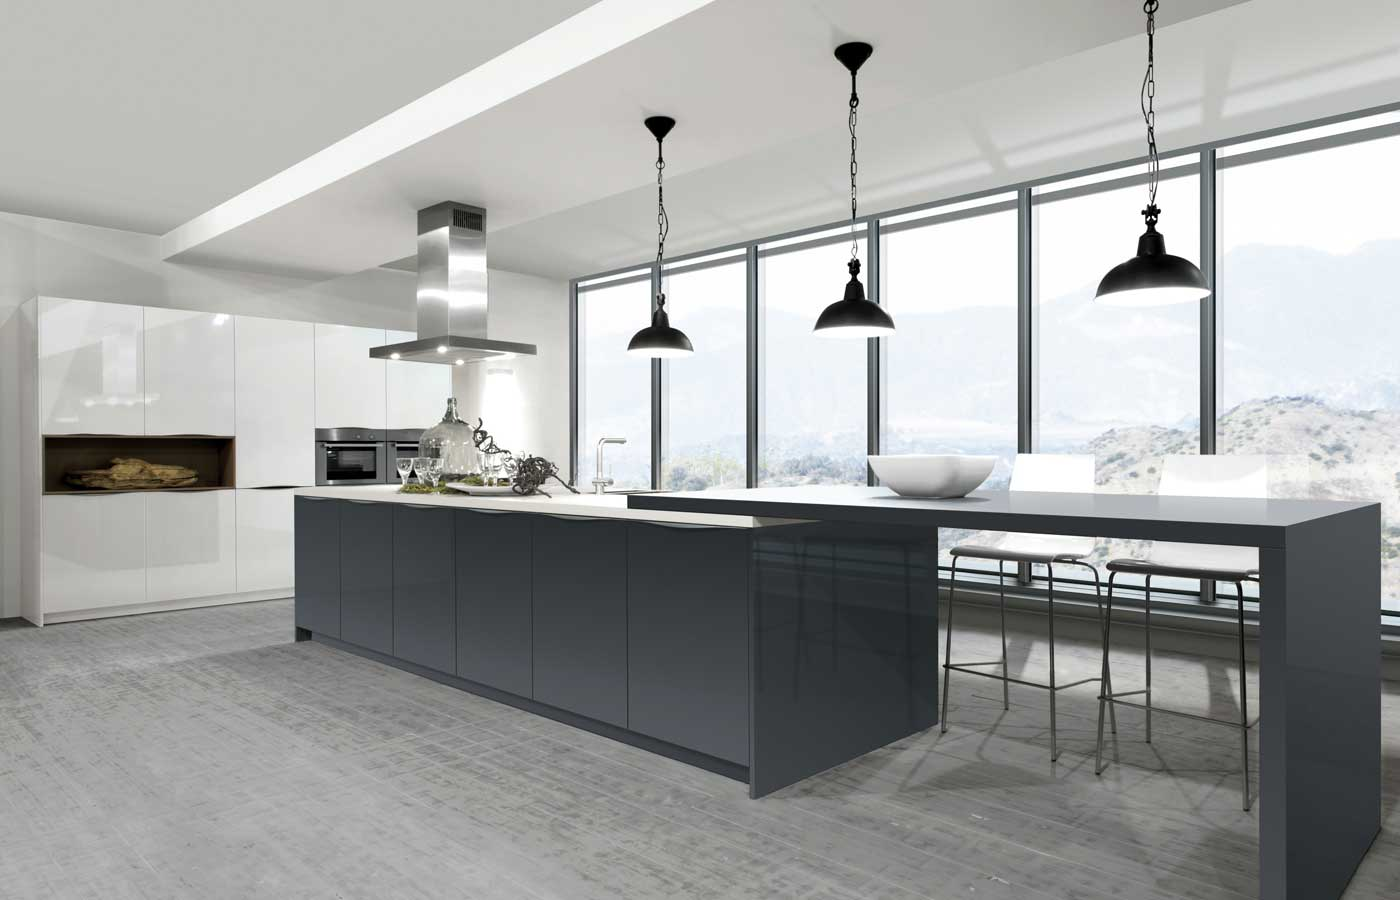 Consejos e ideas para reforma cocina ac muebles de cocina for Consejos de cocina